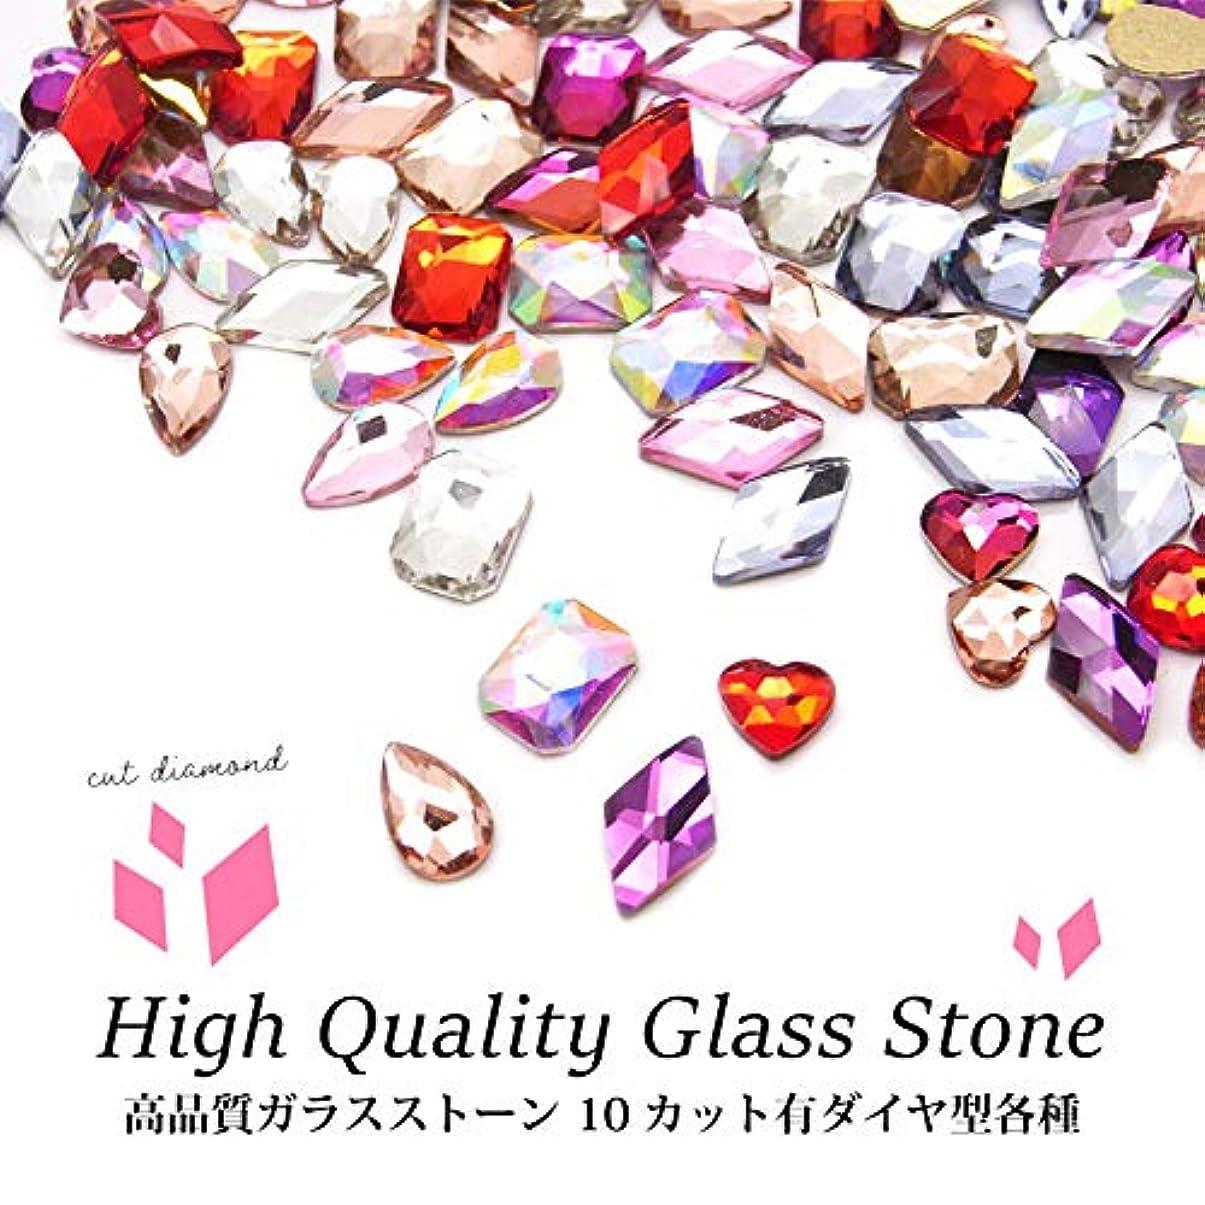 結婚式スラム街意気揚々高品質ガラスストーン 10 カット有ダイヤ型 各種 5個入り (2.クリスタルAB)